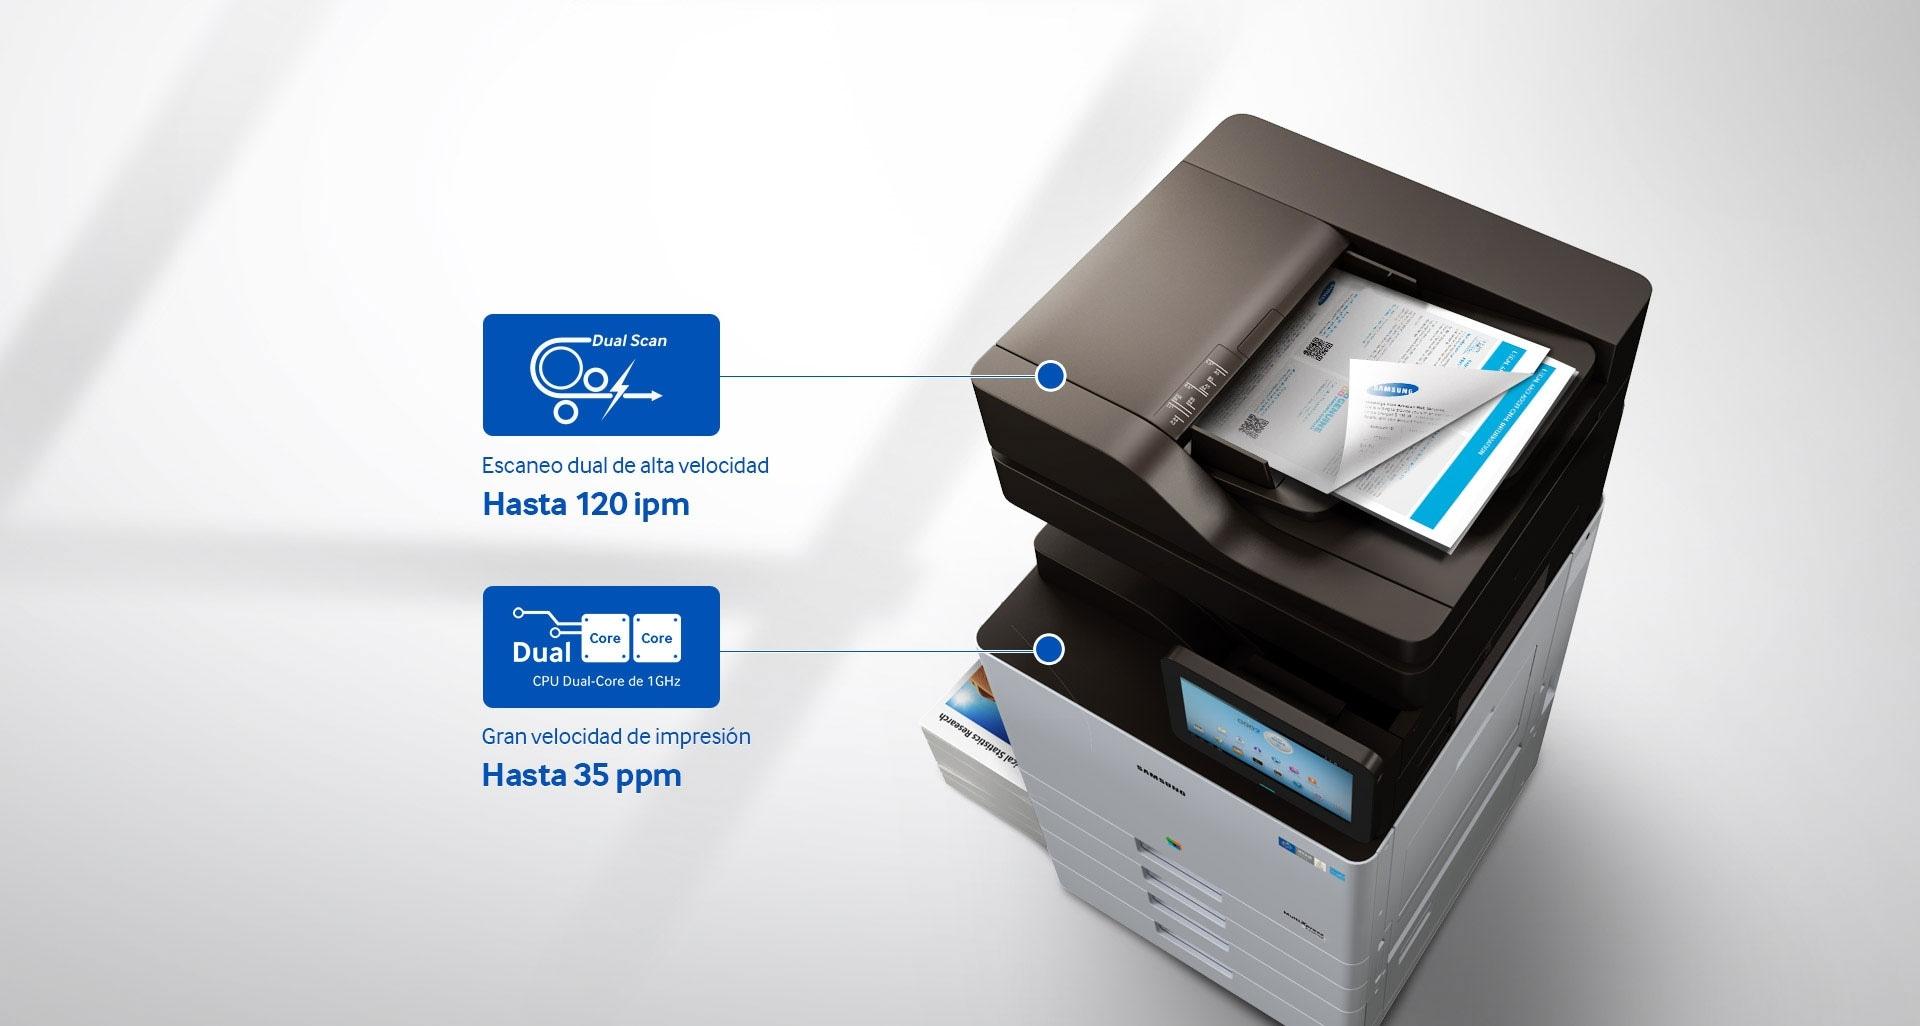 Escaneo más rápido e impresión sin complicaciones